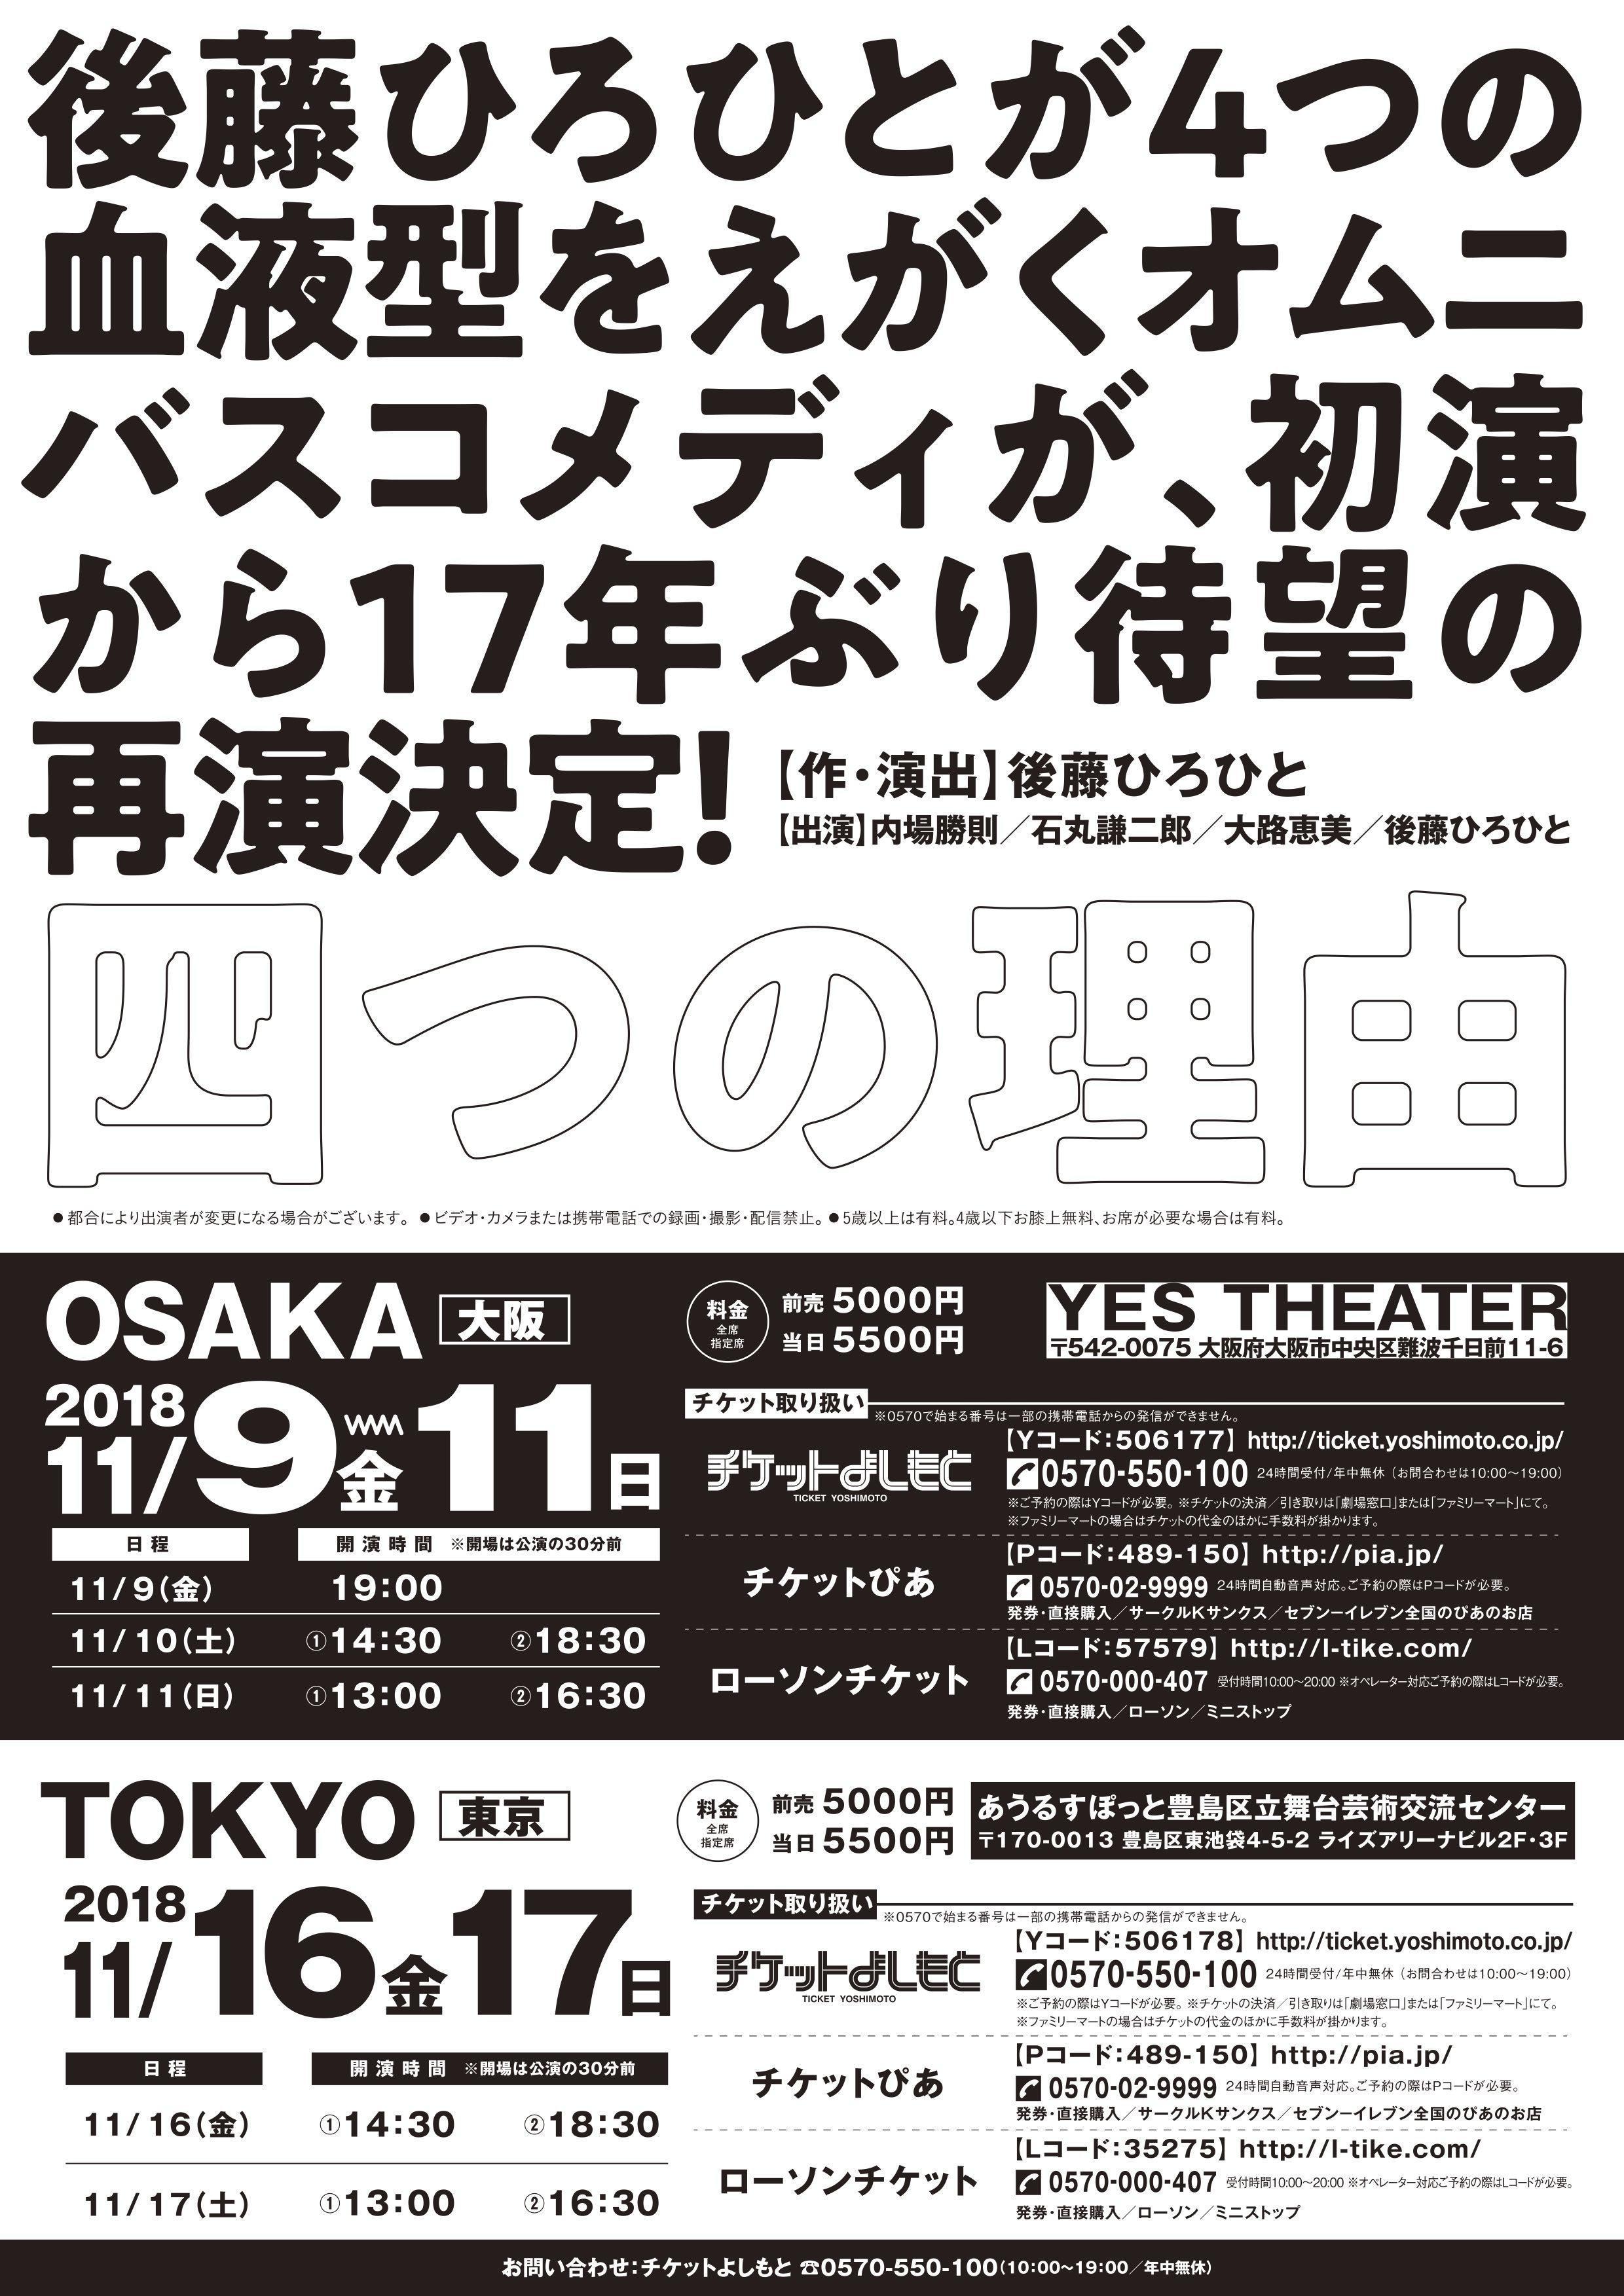 http://news.yoshimoto.co.jp/20180914171256-6824989b843a973a1d2c3dcf9ffdce557cabdca8.jpg